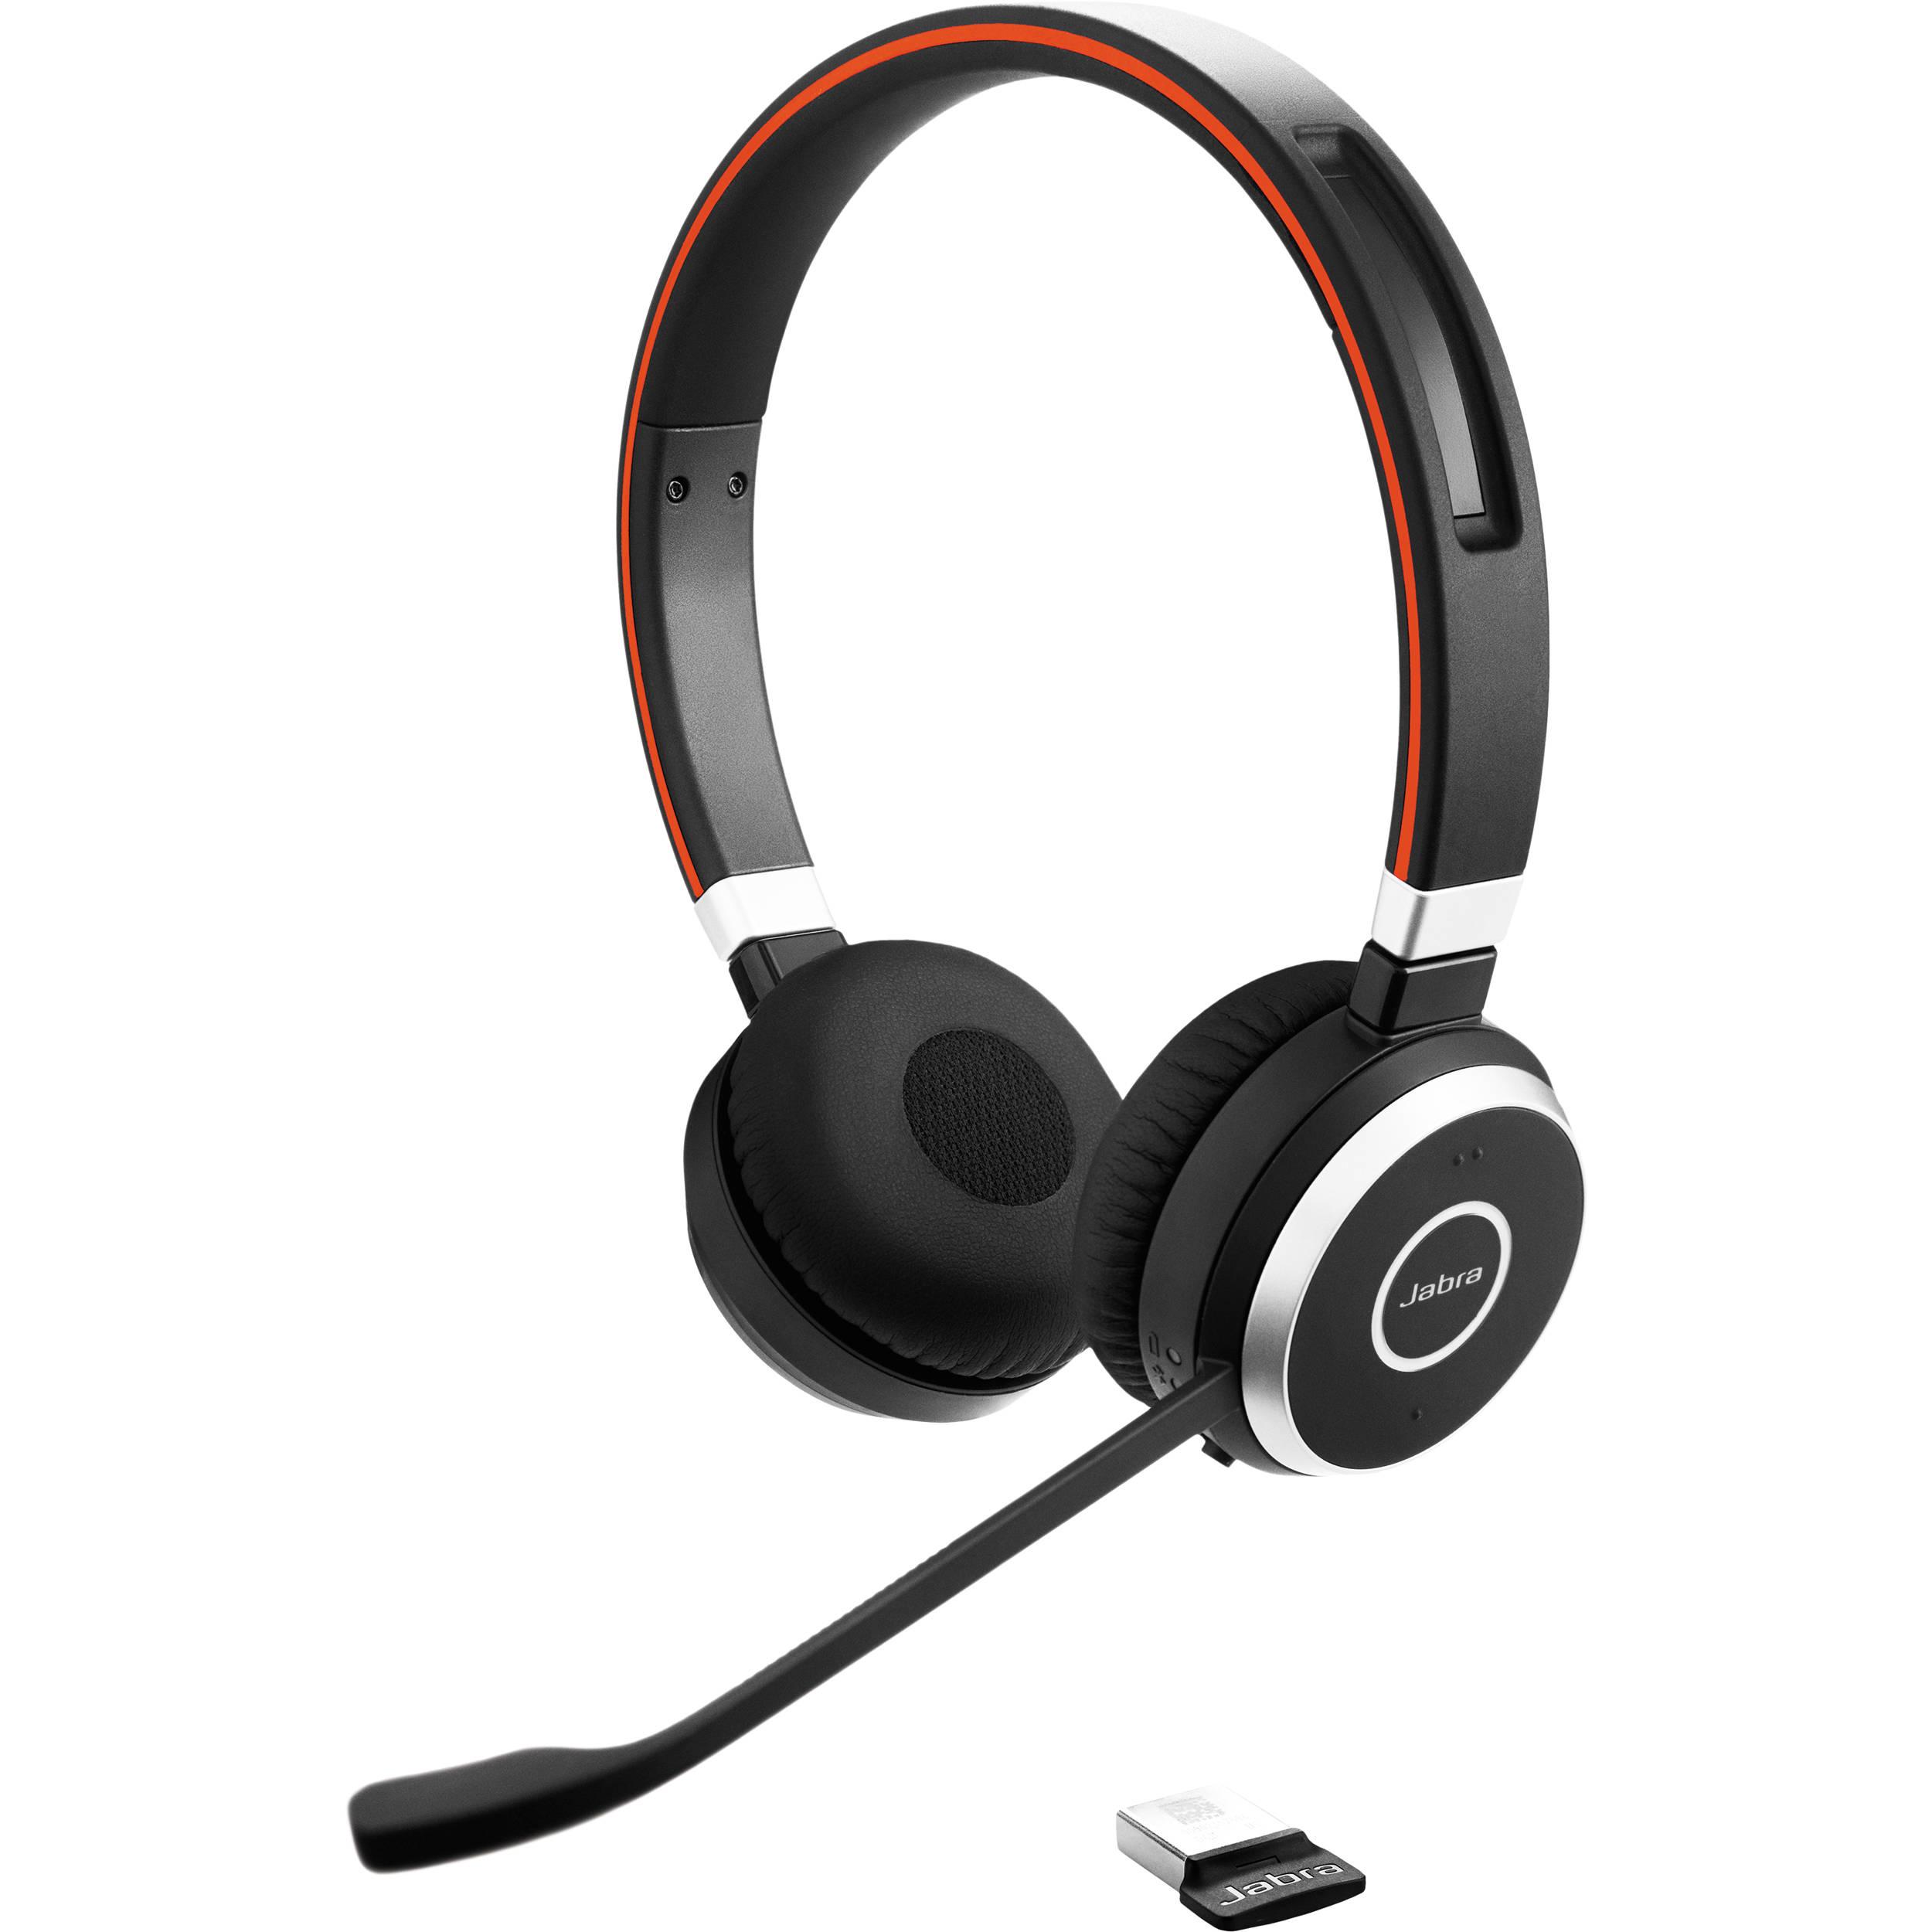 אוזניות JABRA EVOLVE 65 MS Stereo Bluetooth ג'אברה